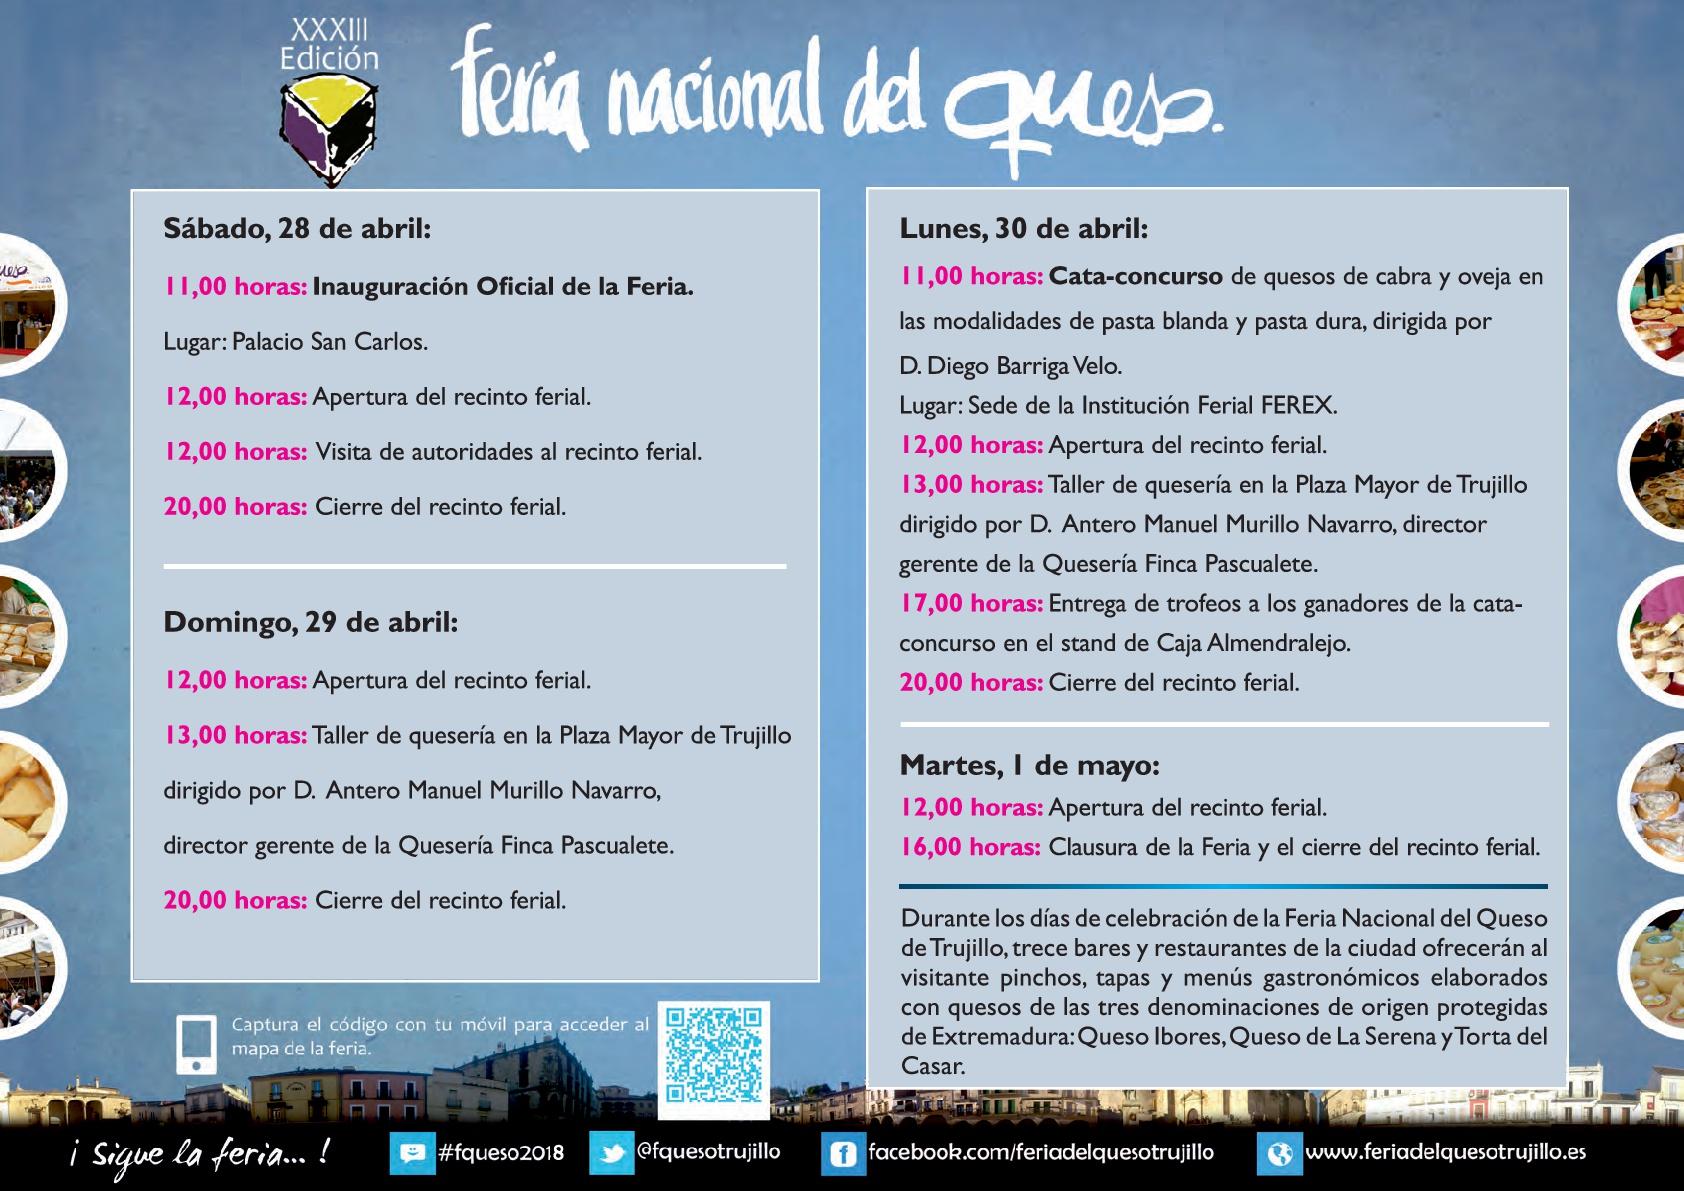 XXXIII Feria nacional del queso - Trujillo 2